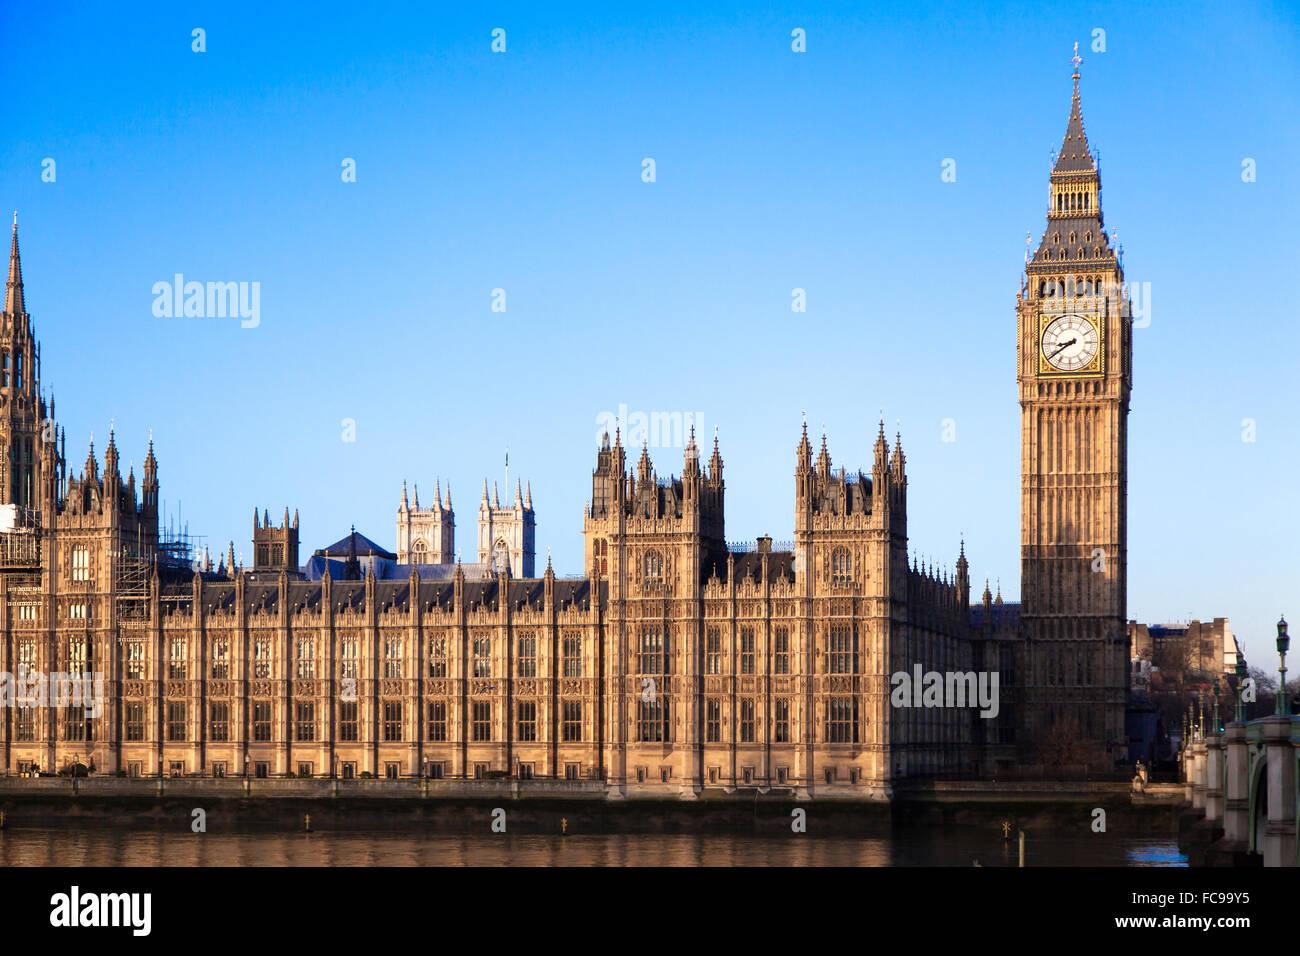 Famoso Big Ben nel centro di Londra Immagini Stock